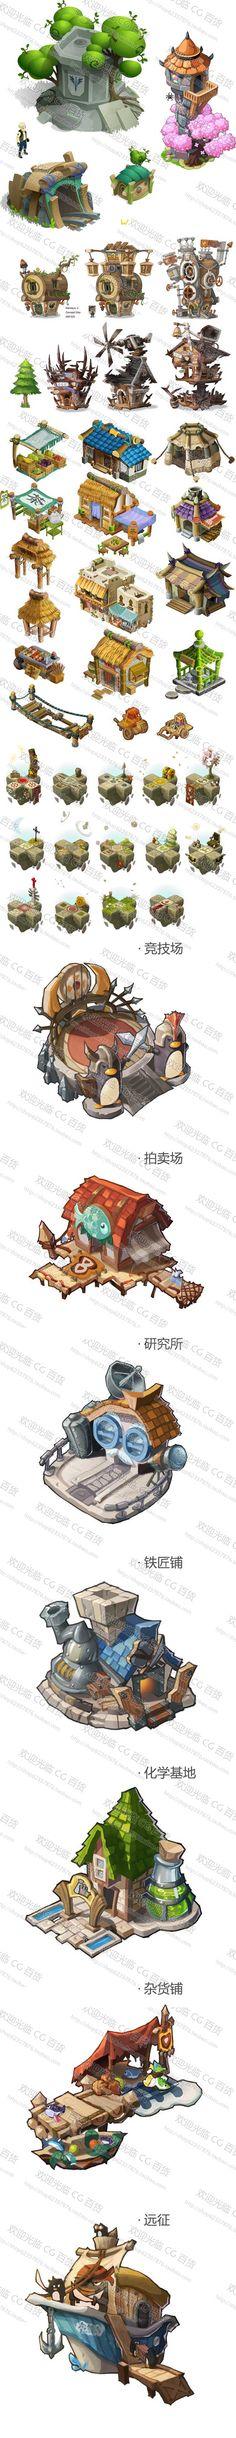 场景【原画集】动画场景 机械 电影横版 Q版建筑 游戏素材 CG图集-淘宝网